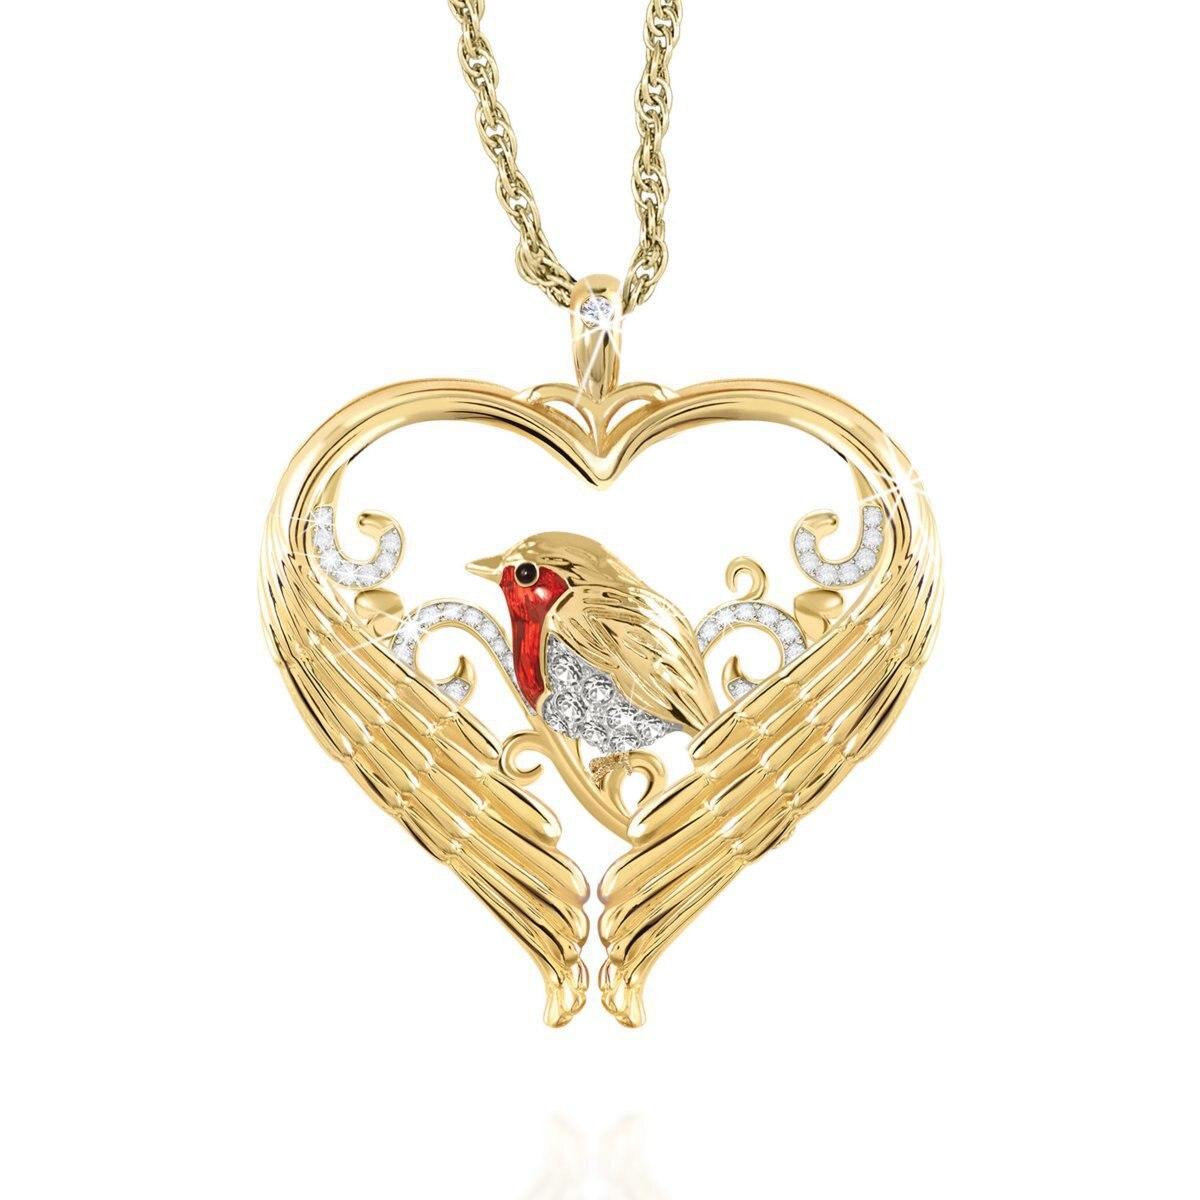 Подвеска в виде крыльев сердца, золотого цвета, покрытая красной эмалью, птицы, Спарроу, ожерелье, женское ювелирное изделие